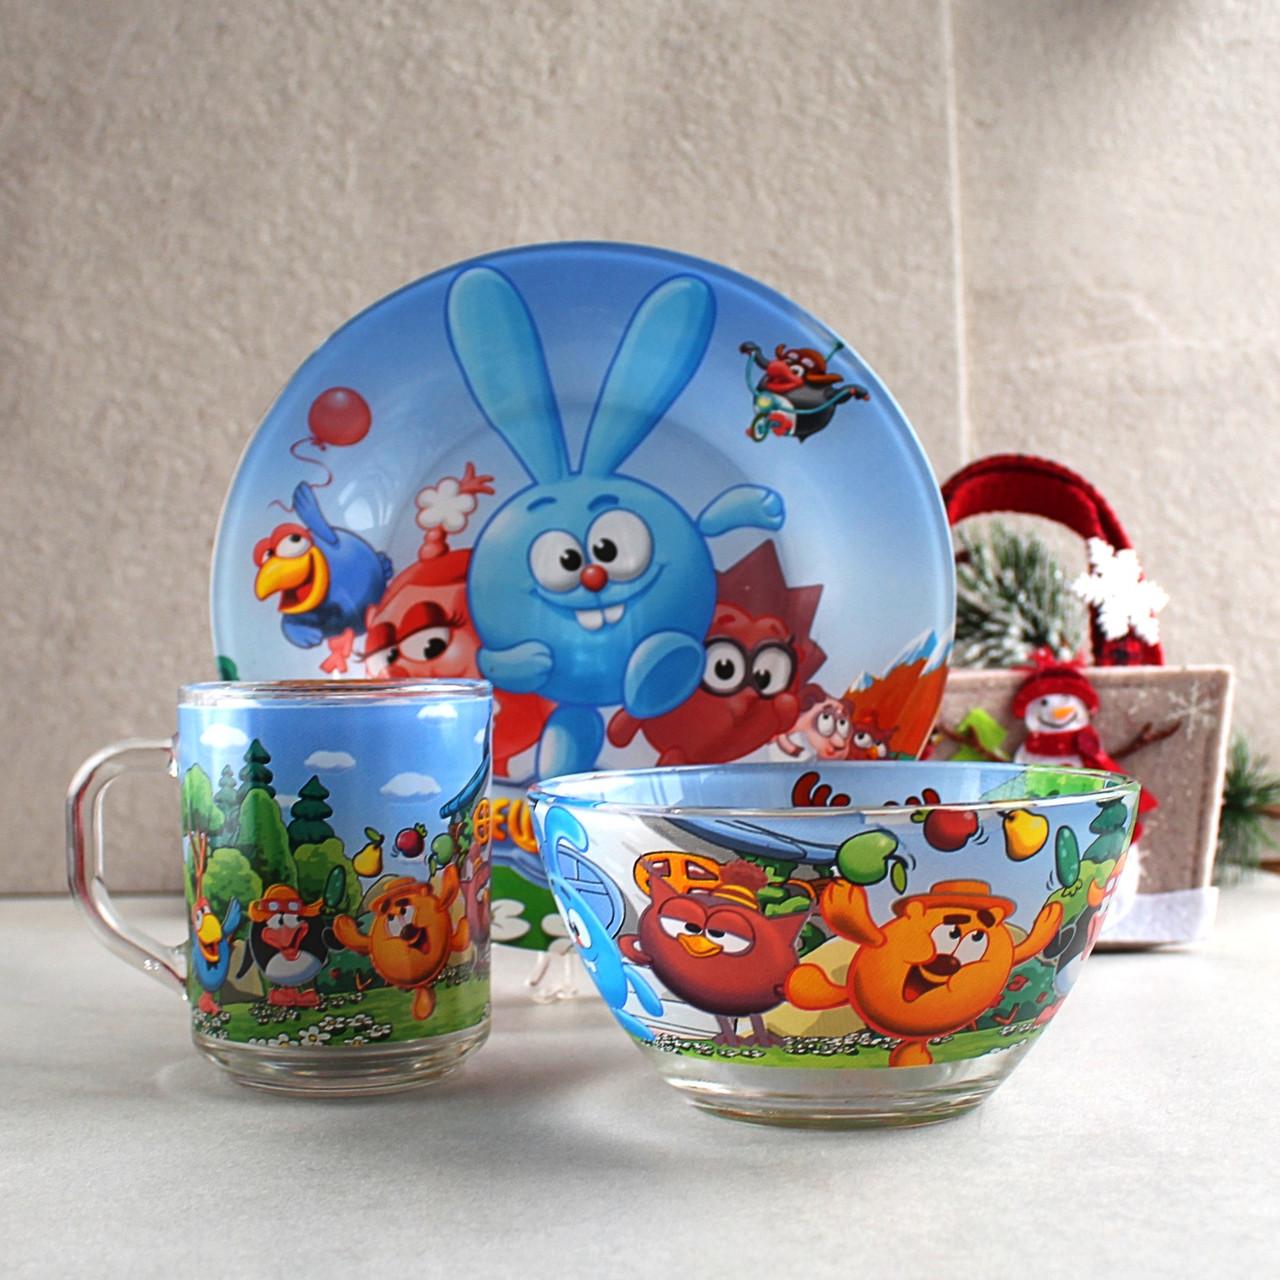 Набір дитячого посуду 3 предмети з мультгероями Смішарики, різнокольоровий